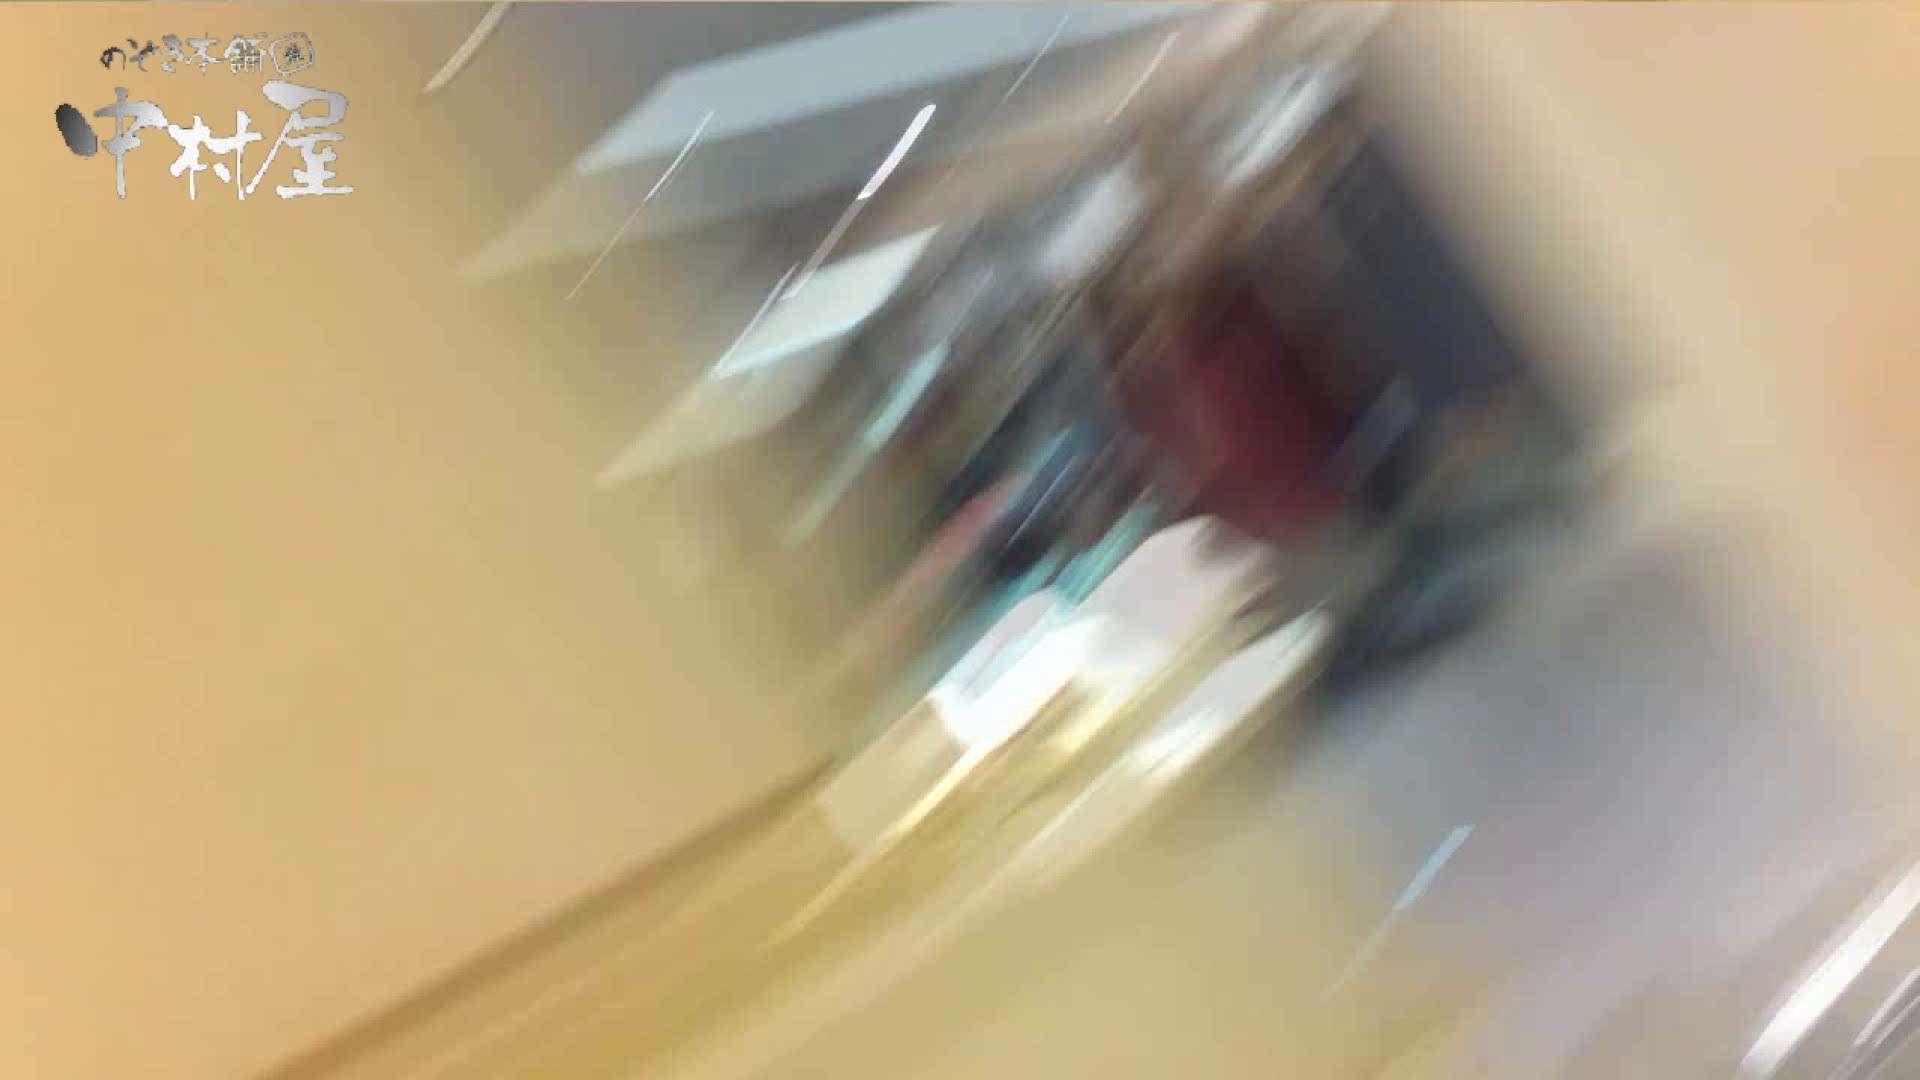 vol.66 美人アパレル胸チラ&パンチラ 店員さんのパンツはストライプ パンチラ 覗き性交動画流出 75連発 3